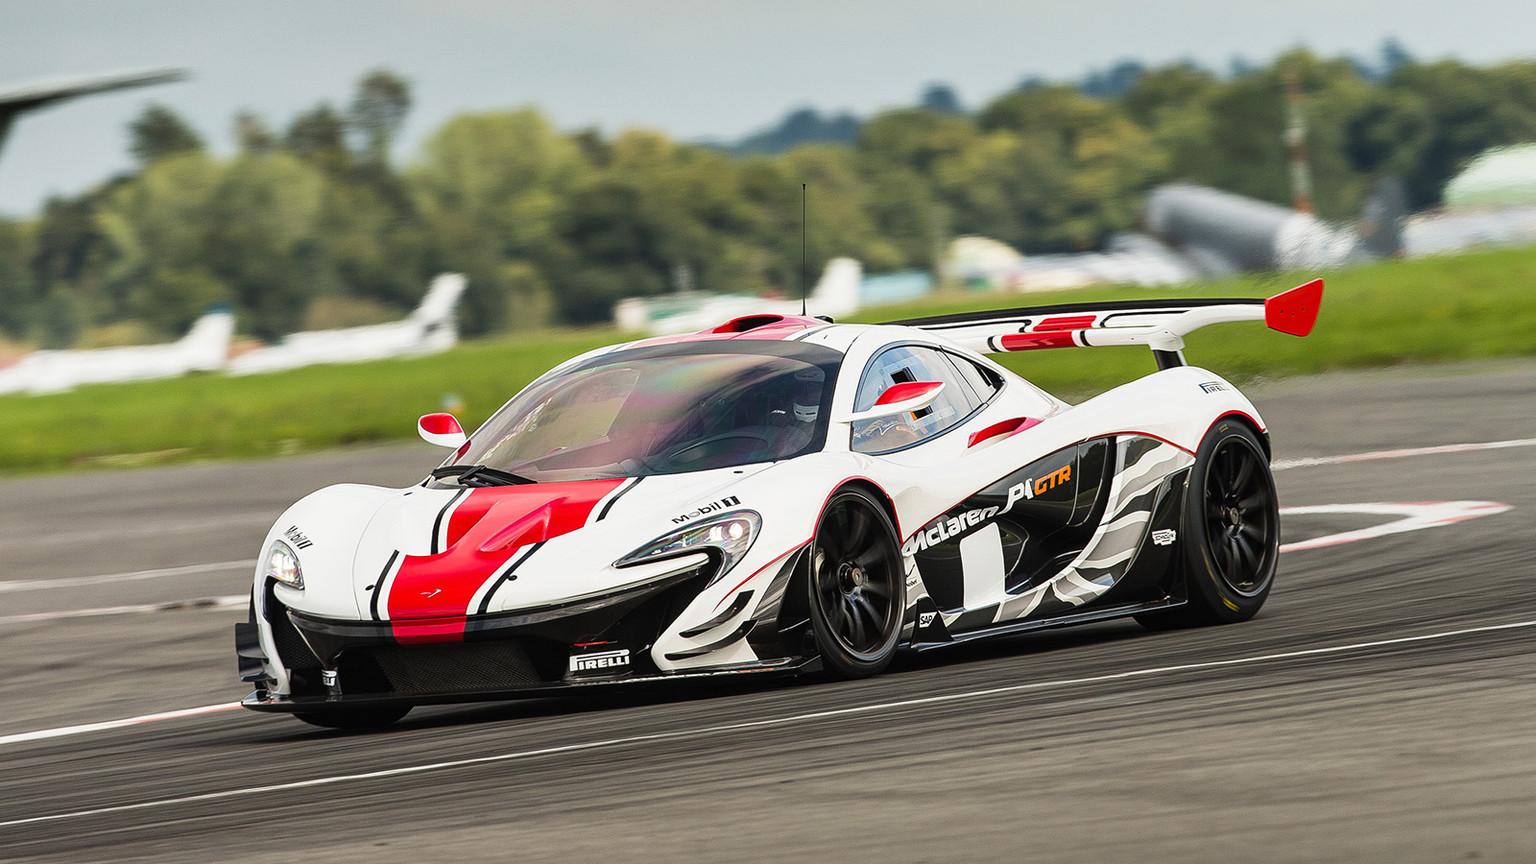 img-McLaren-P1-GTR-01.jpg